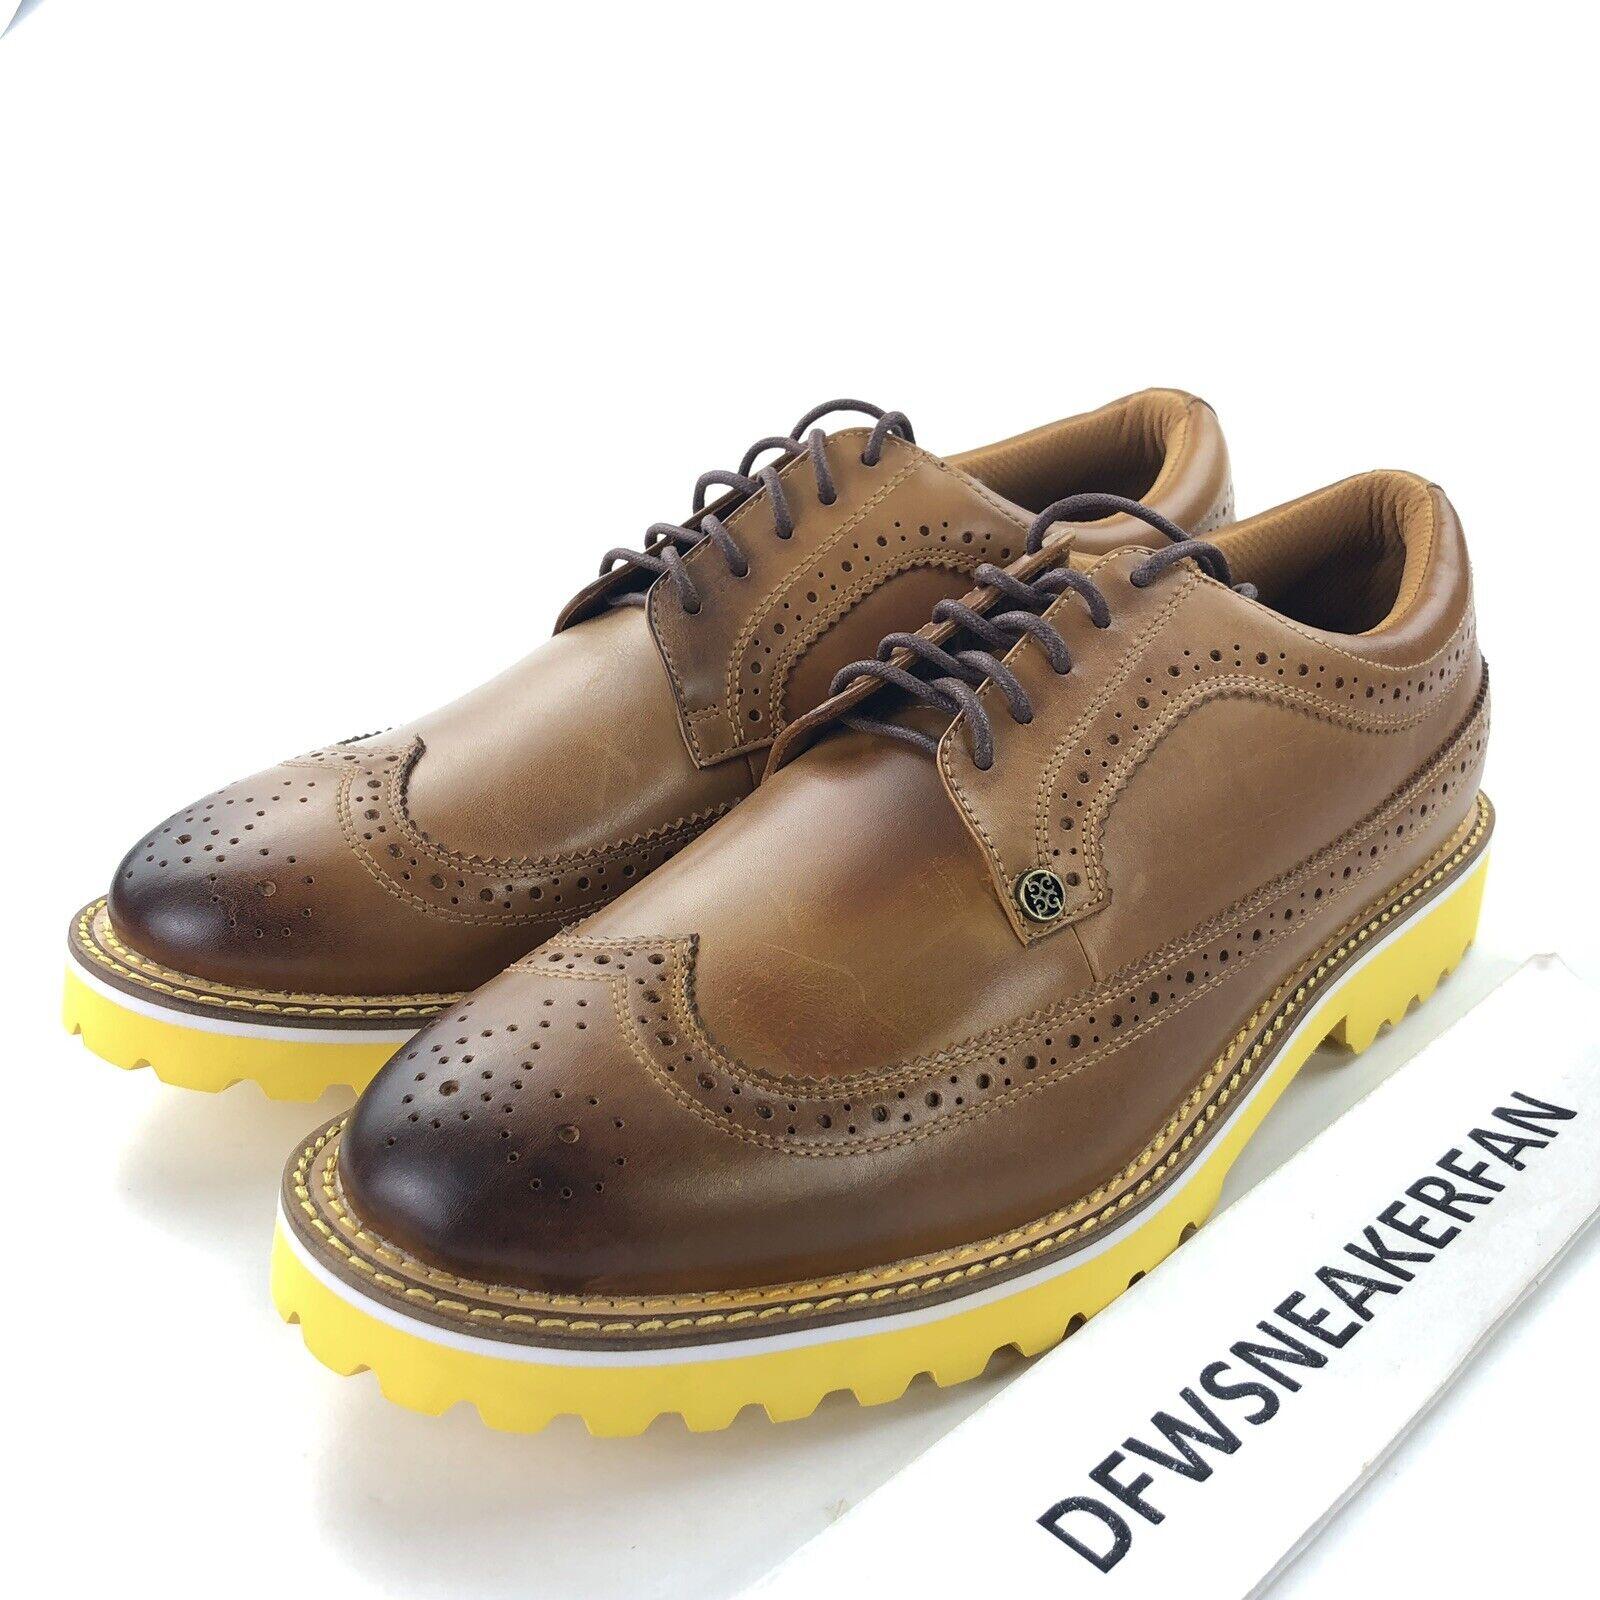 G Suela de proa B Fly del estirón para hombres 10.5 zapato de calle Bubba Watson G4MF18F03 Nuevo